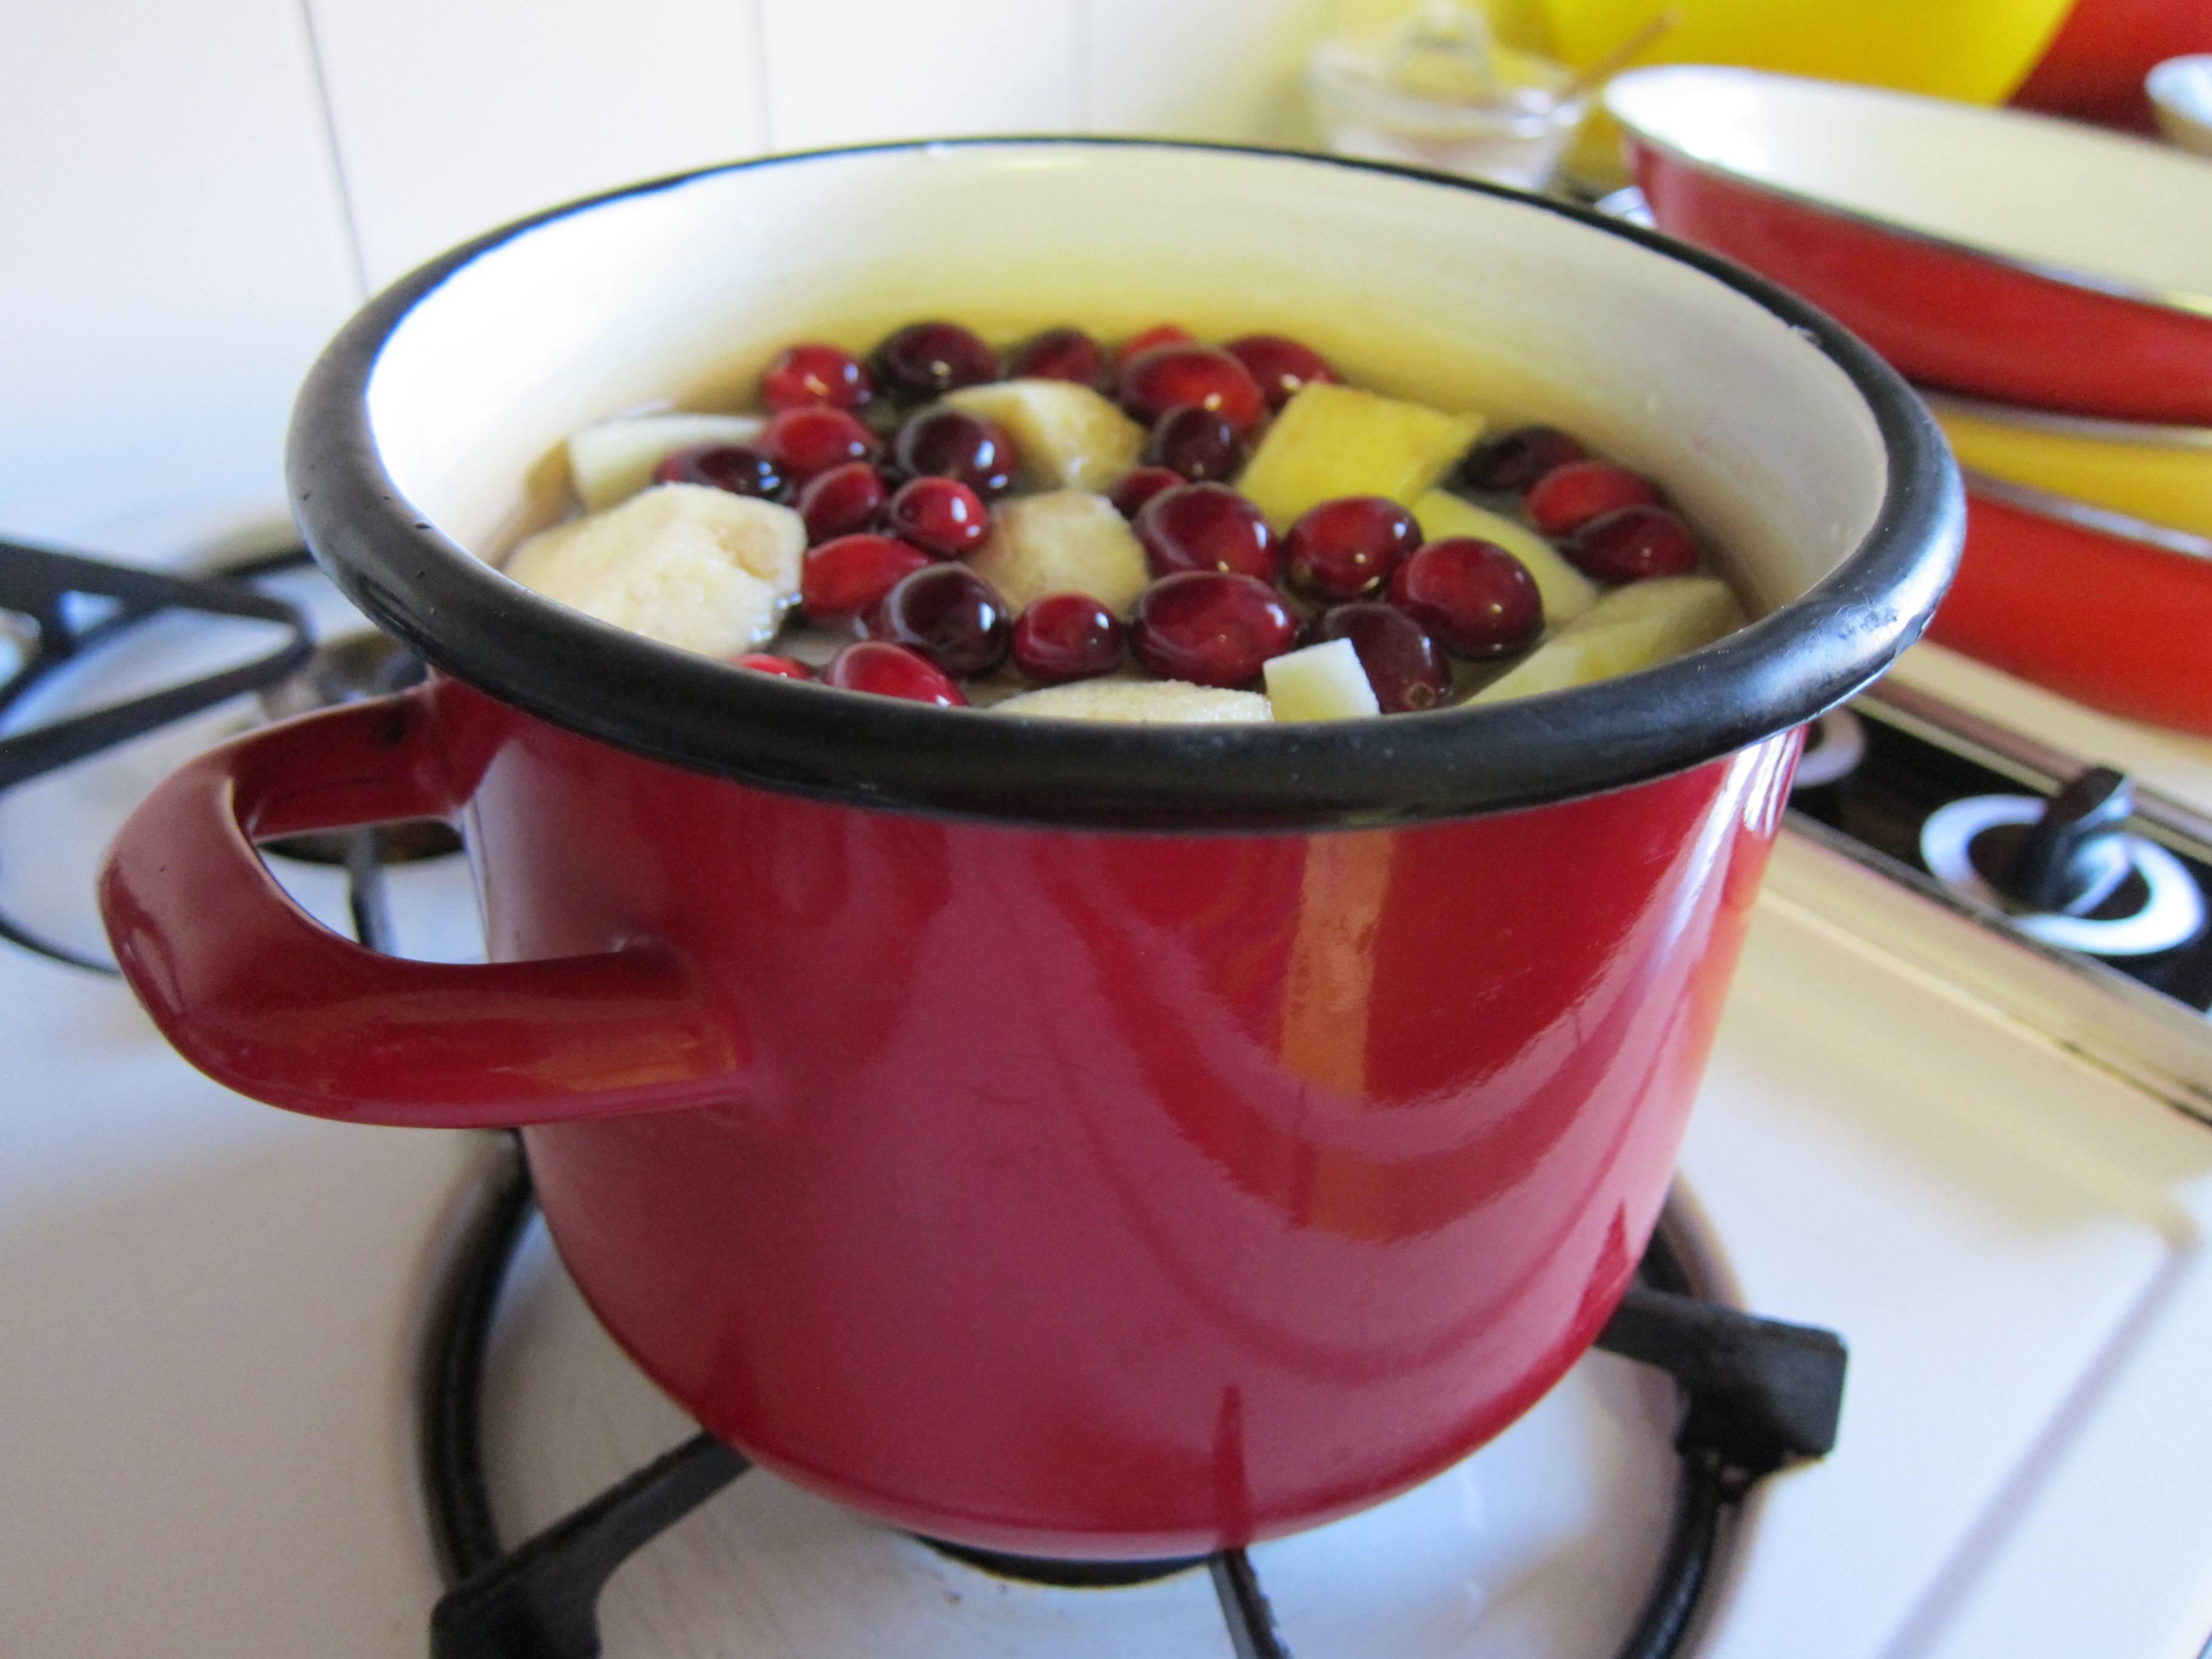 Компот из замороженных ягод — рецепты с вишней, клюквой, брусникой и крыжовником